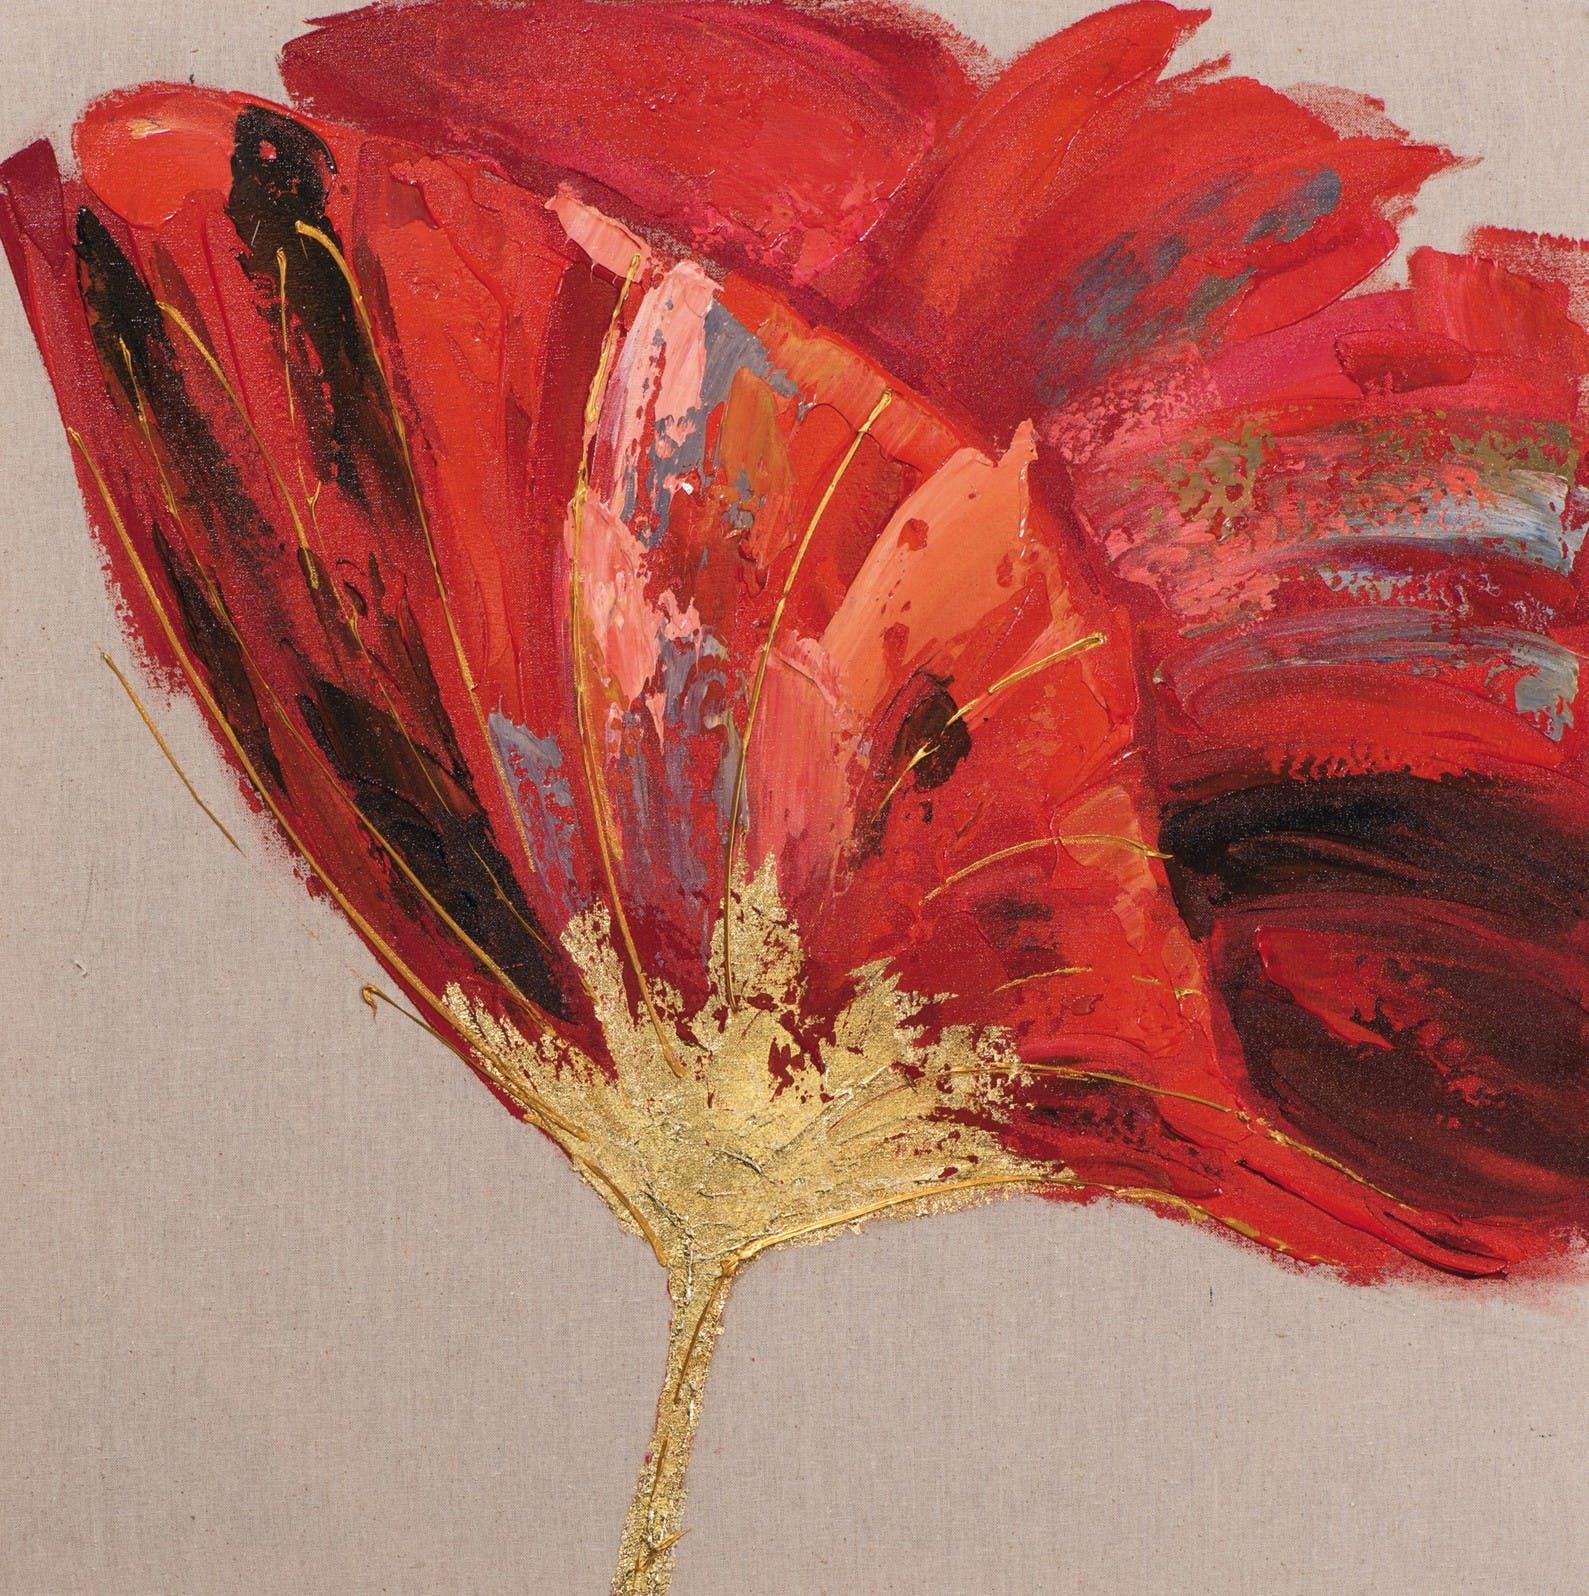 Tableau Fleur 70x70 Doré. Peint sur toile fibre naturelle. Peinture acrylique et feuilles métal